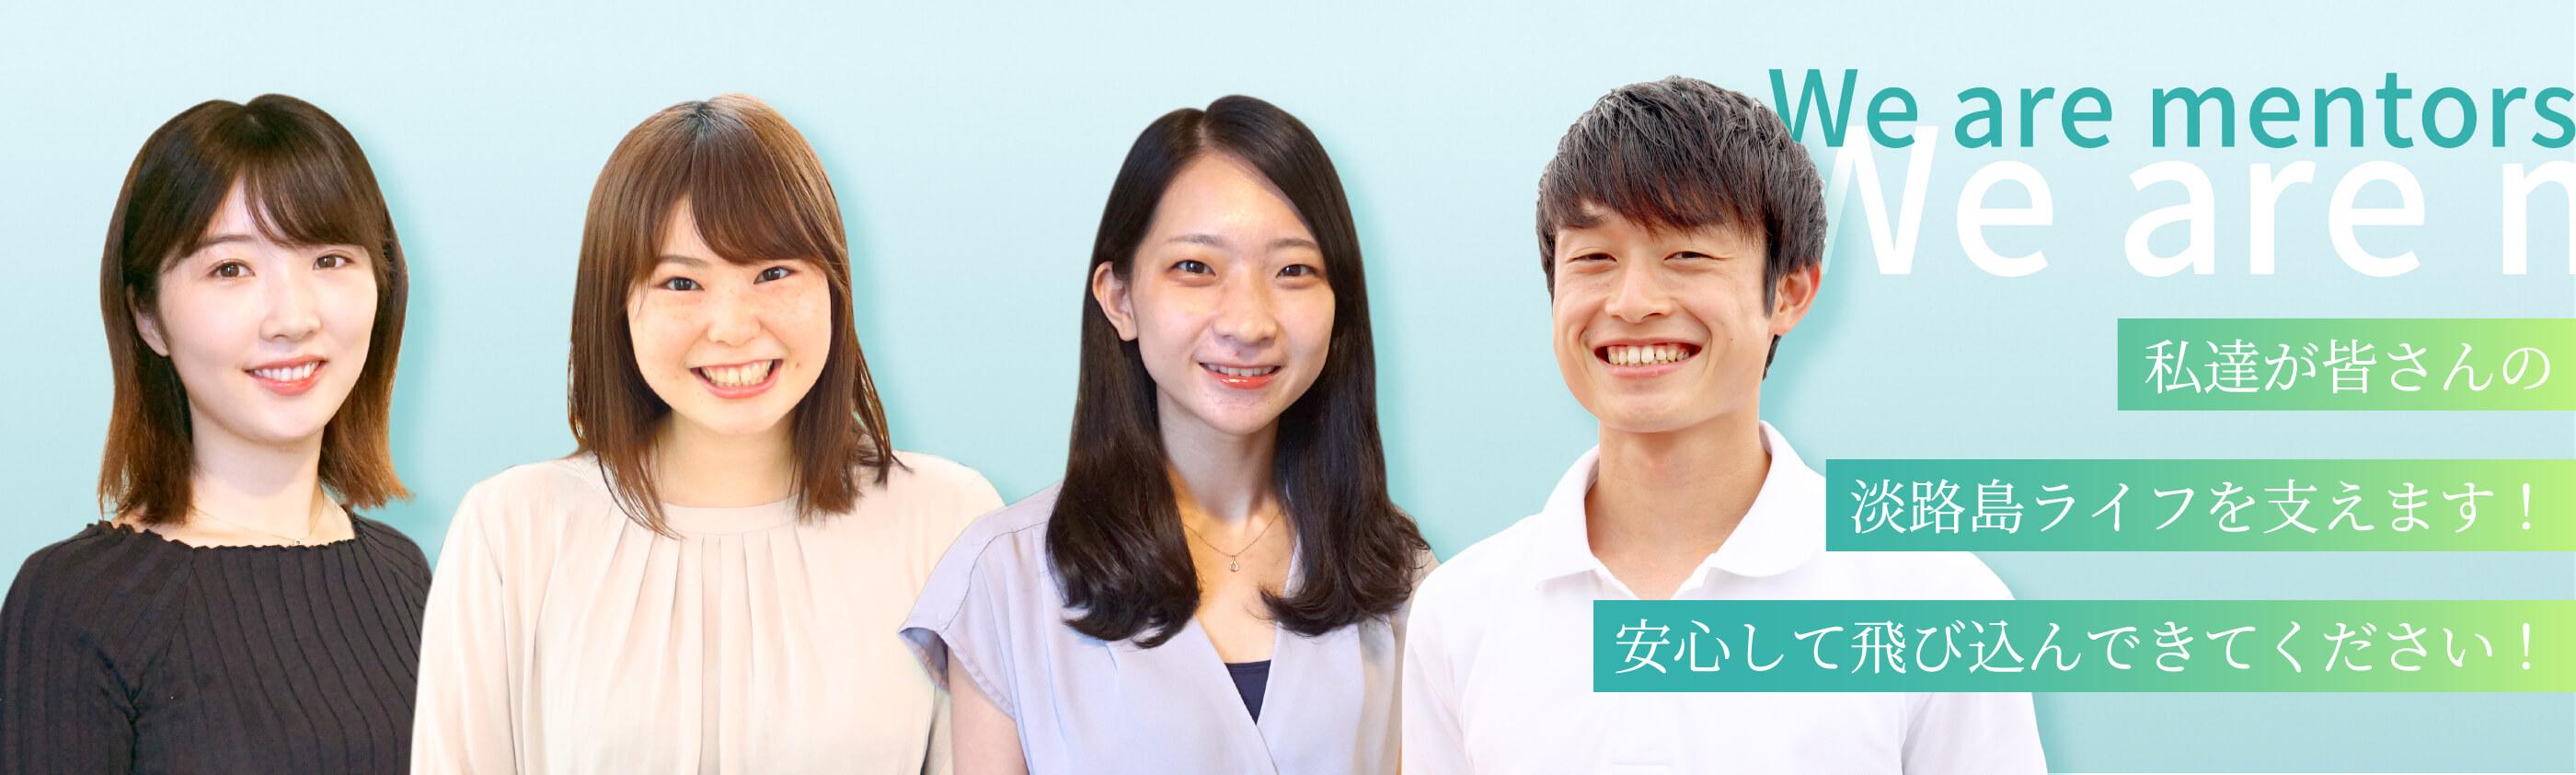 We are mentors 私たちがみなさんの淡路島ライフを支えます!安心して飛び込んできてください!